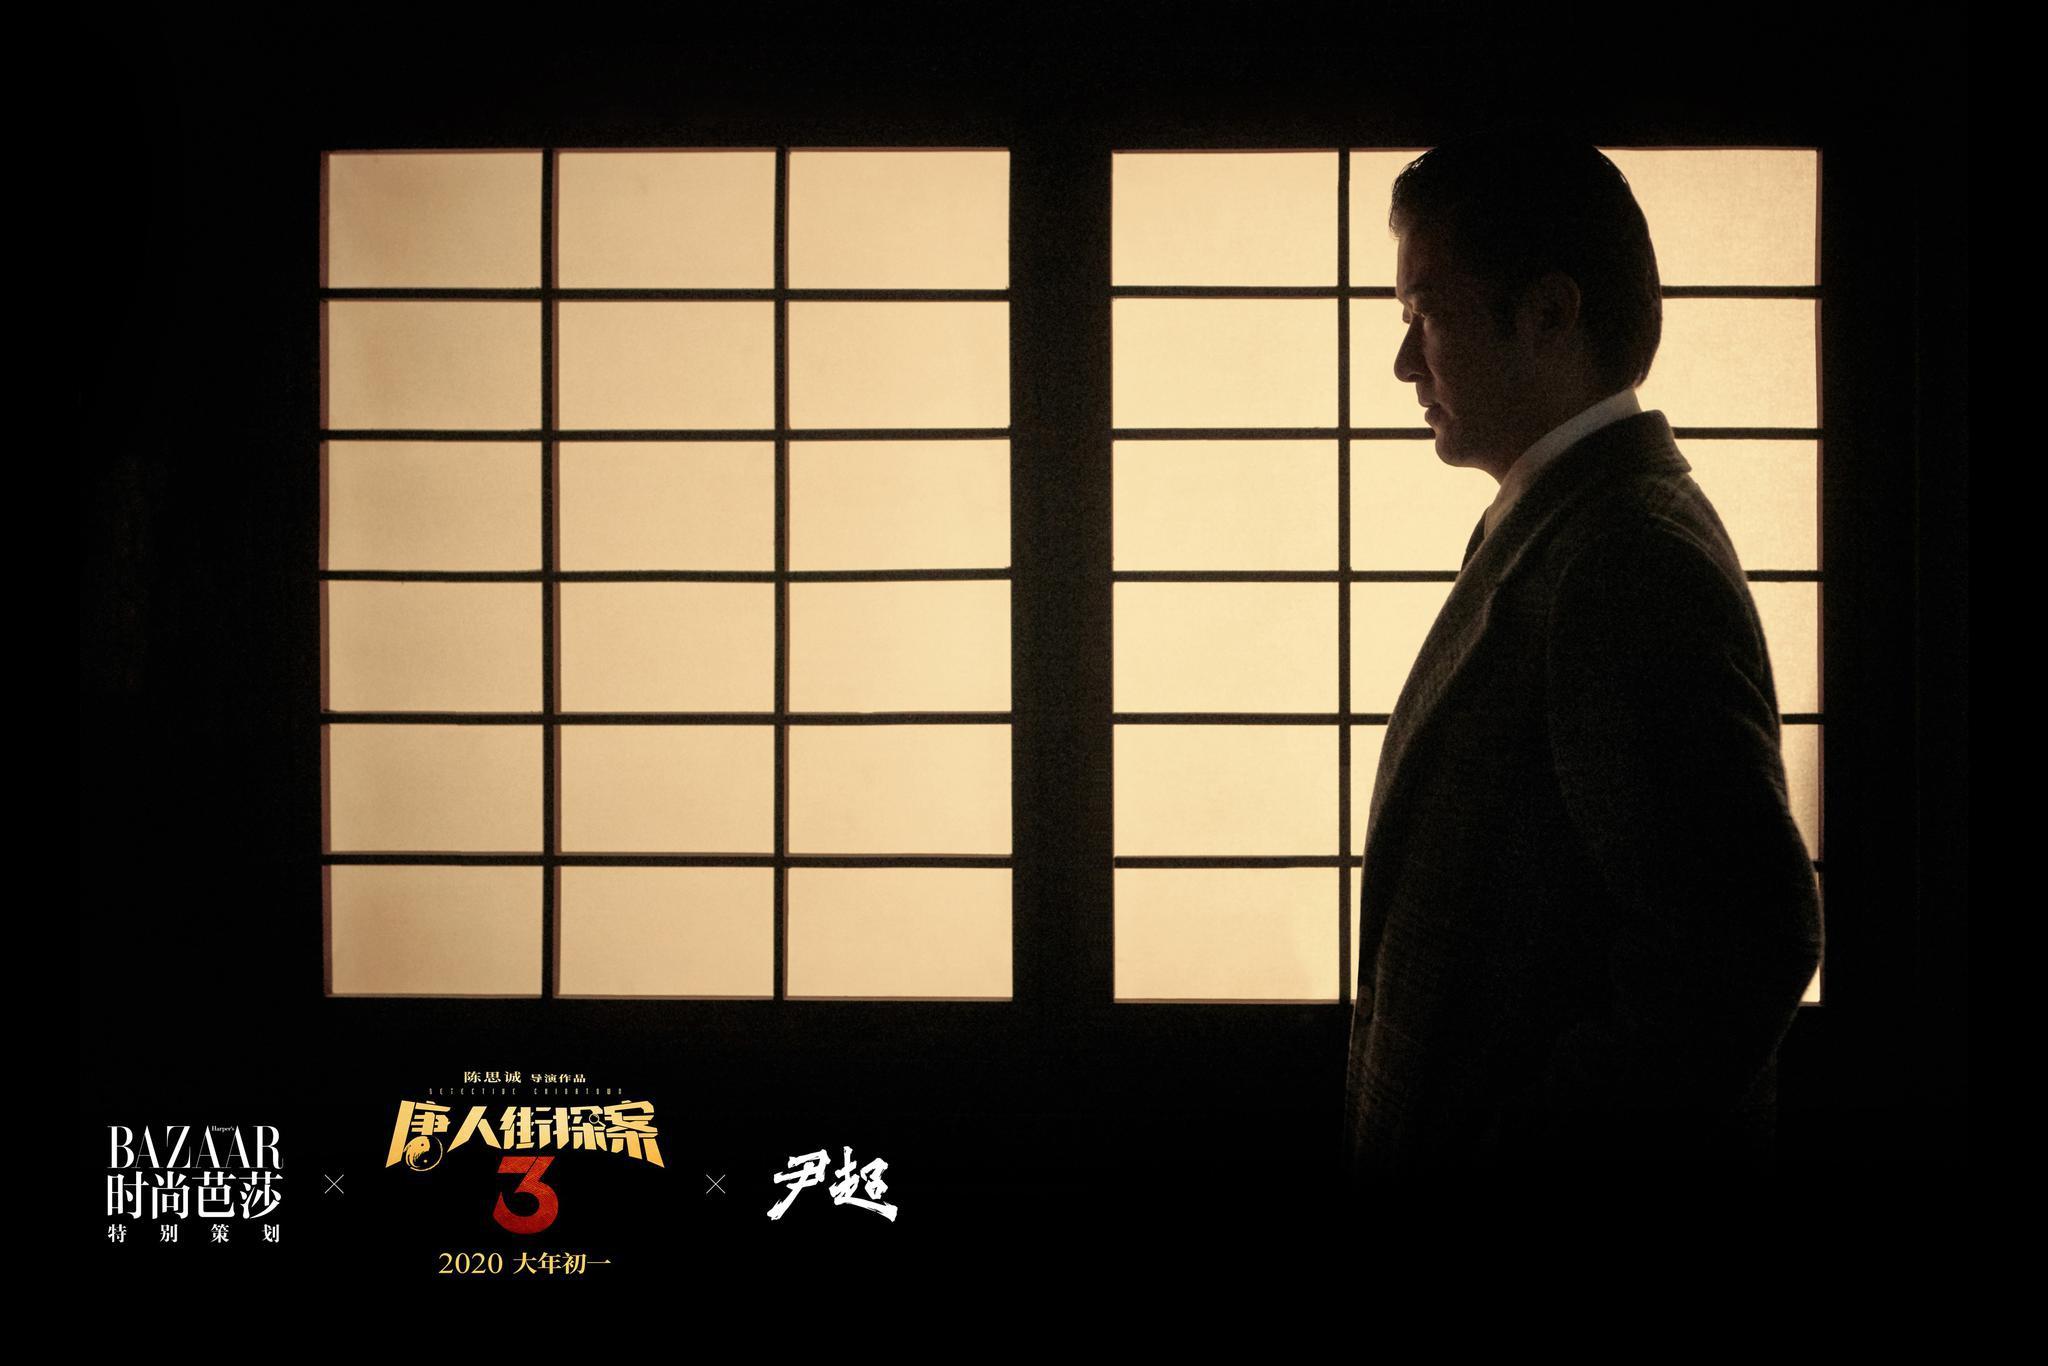 """《唐人街探案3》铃木保奈美、染谷将太加盟""""亚洲群星阵容"""""""